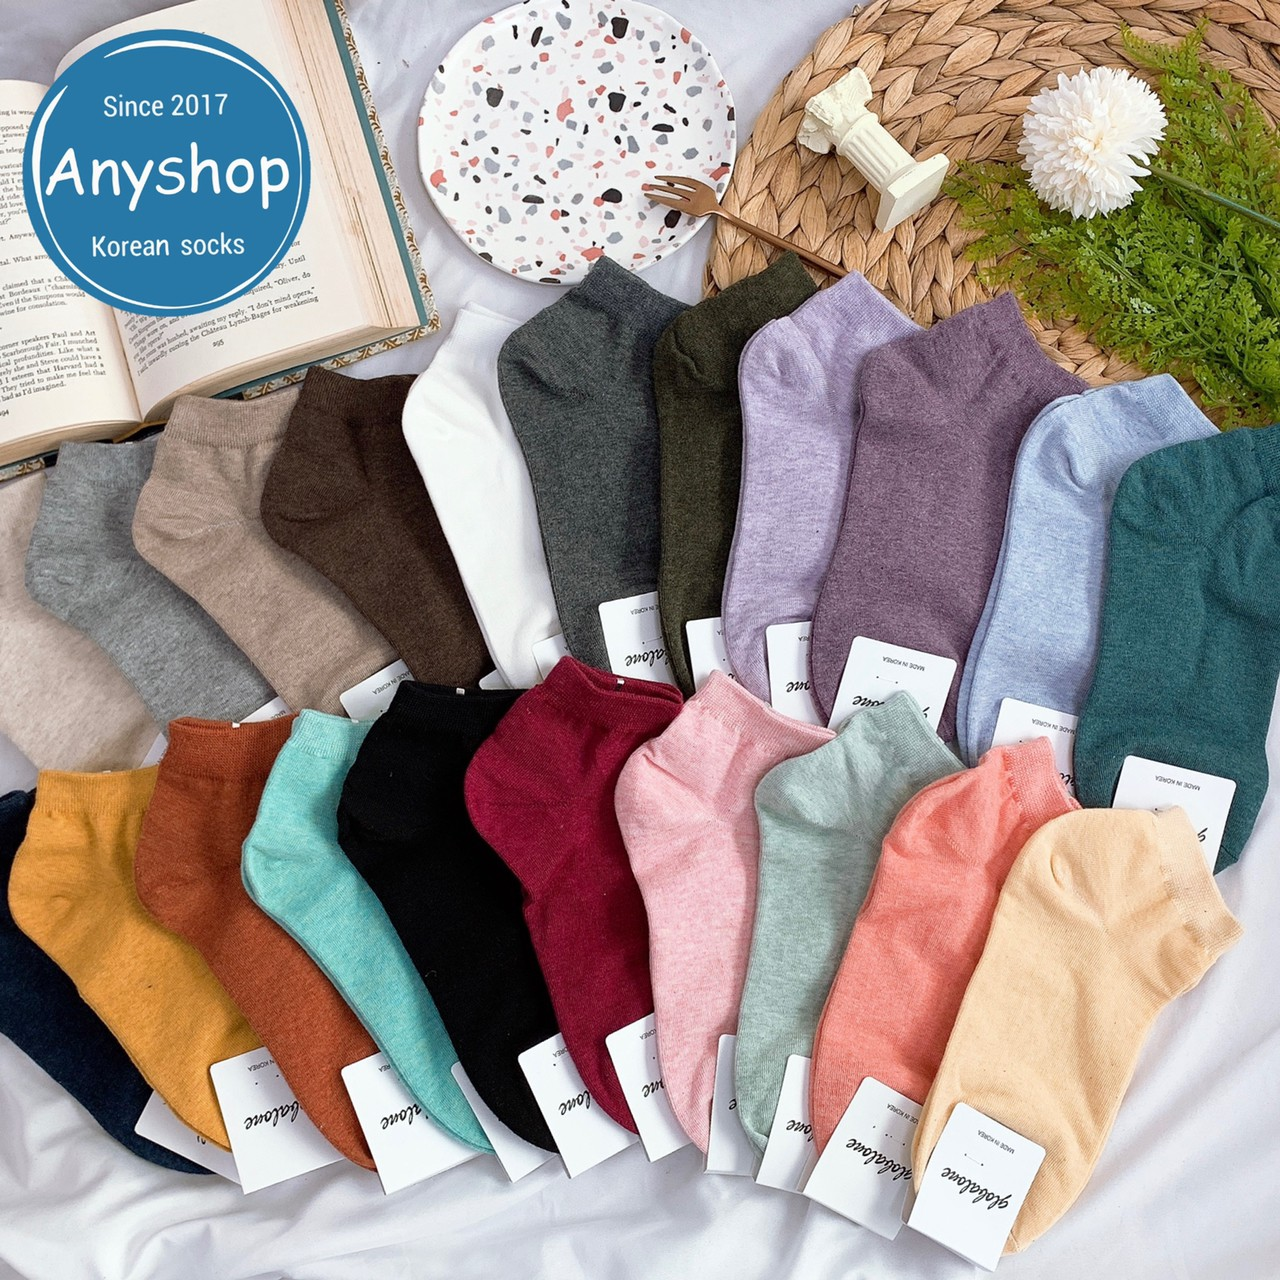 韓國襪-[Anyshop]g牌經典素色無痕短襪